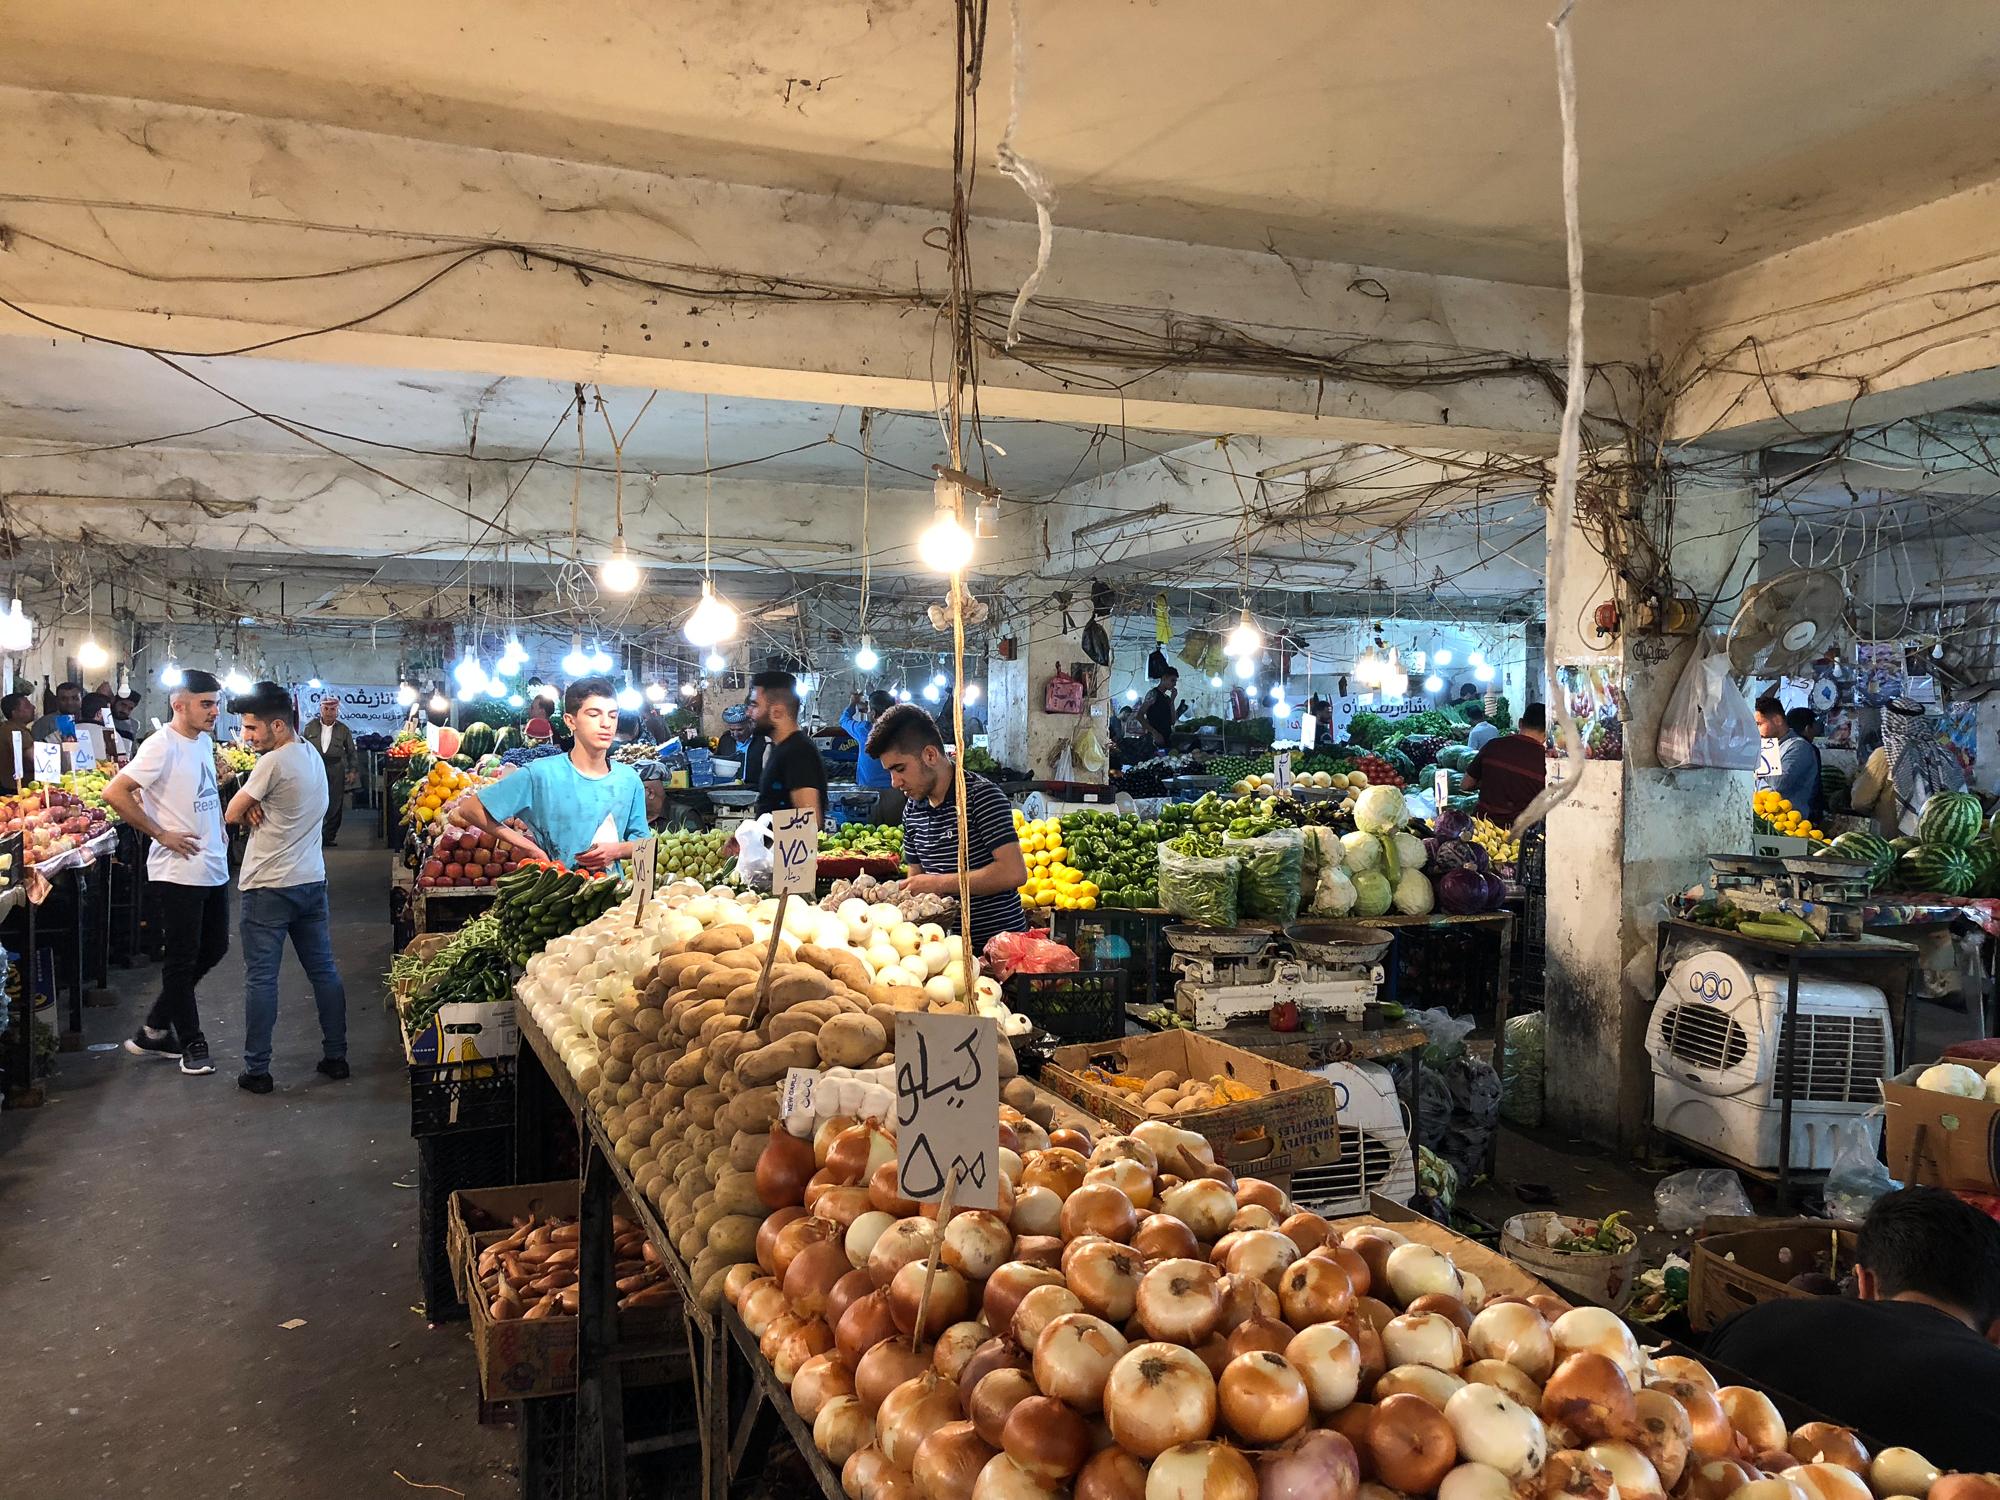 Vegetables bazaar in Dohuk